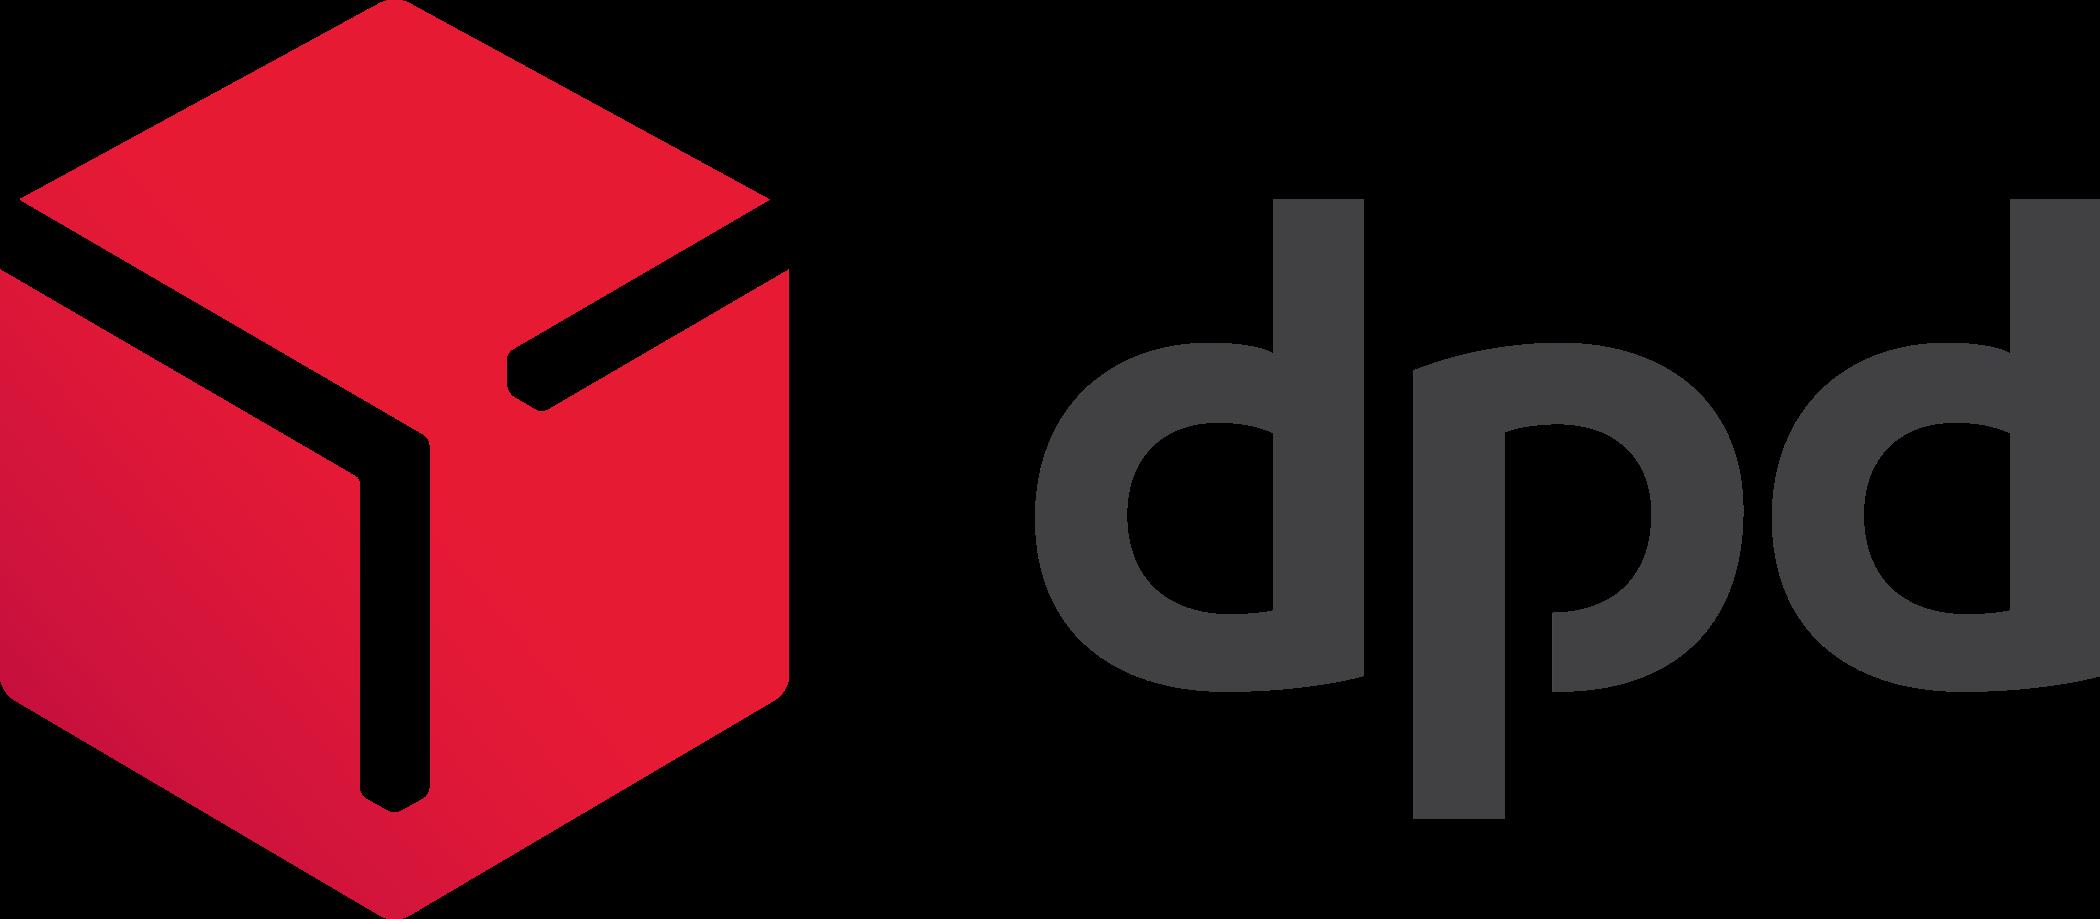 dpd logo 1 - DPD Group Logo